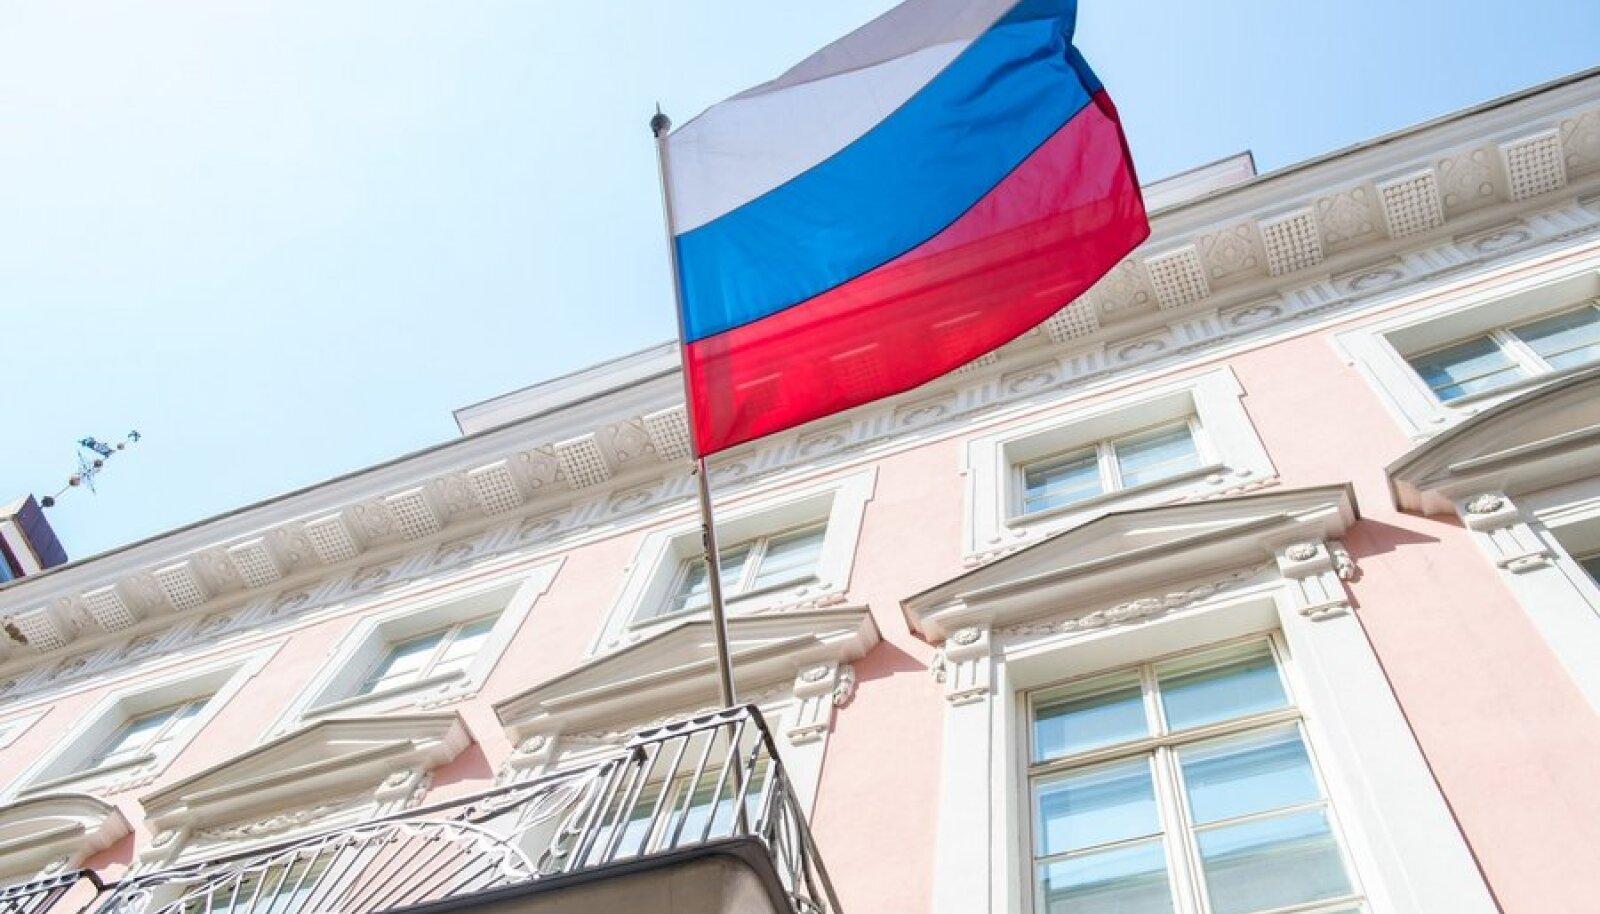 Venemaa suursaatkond